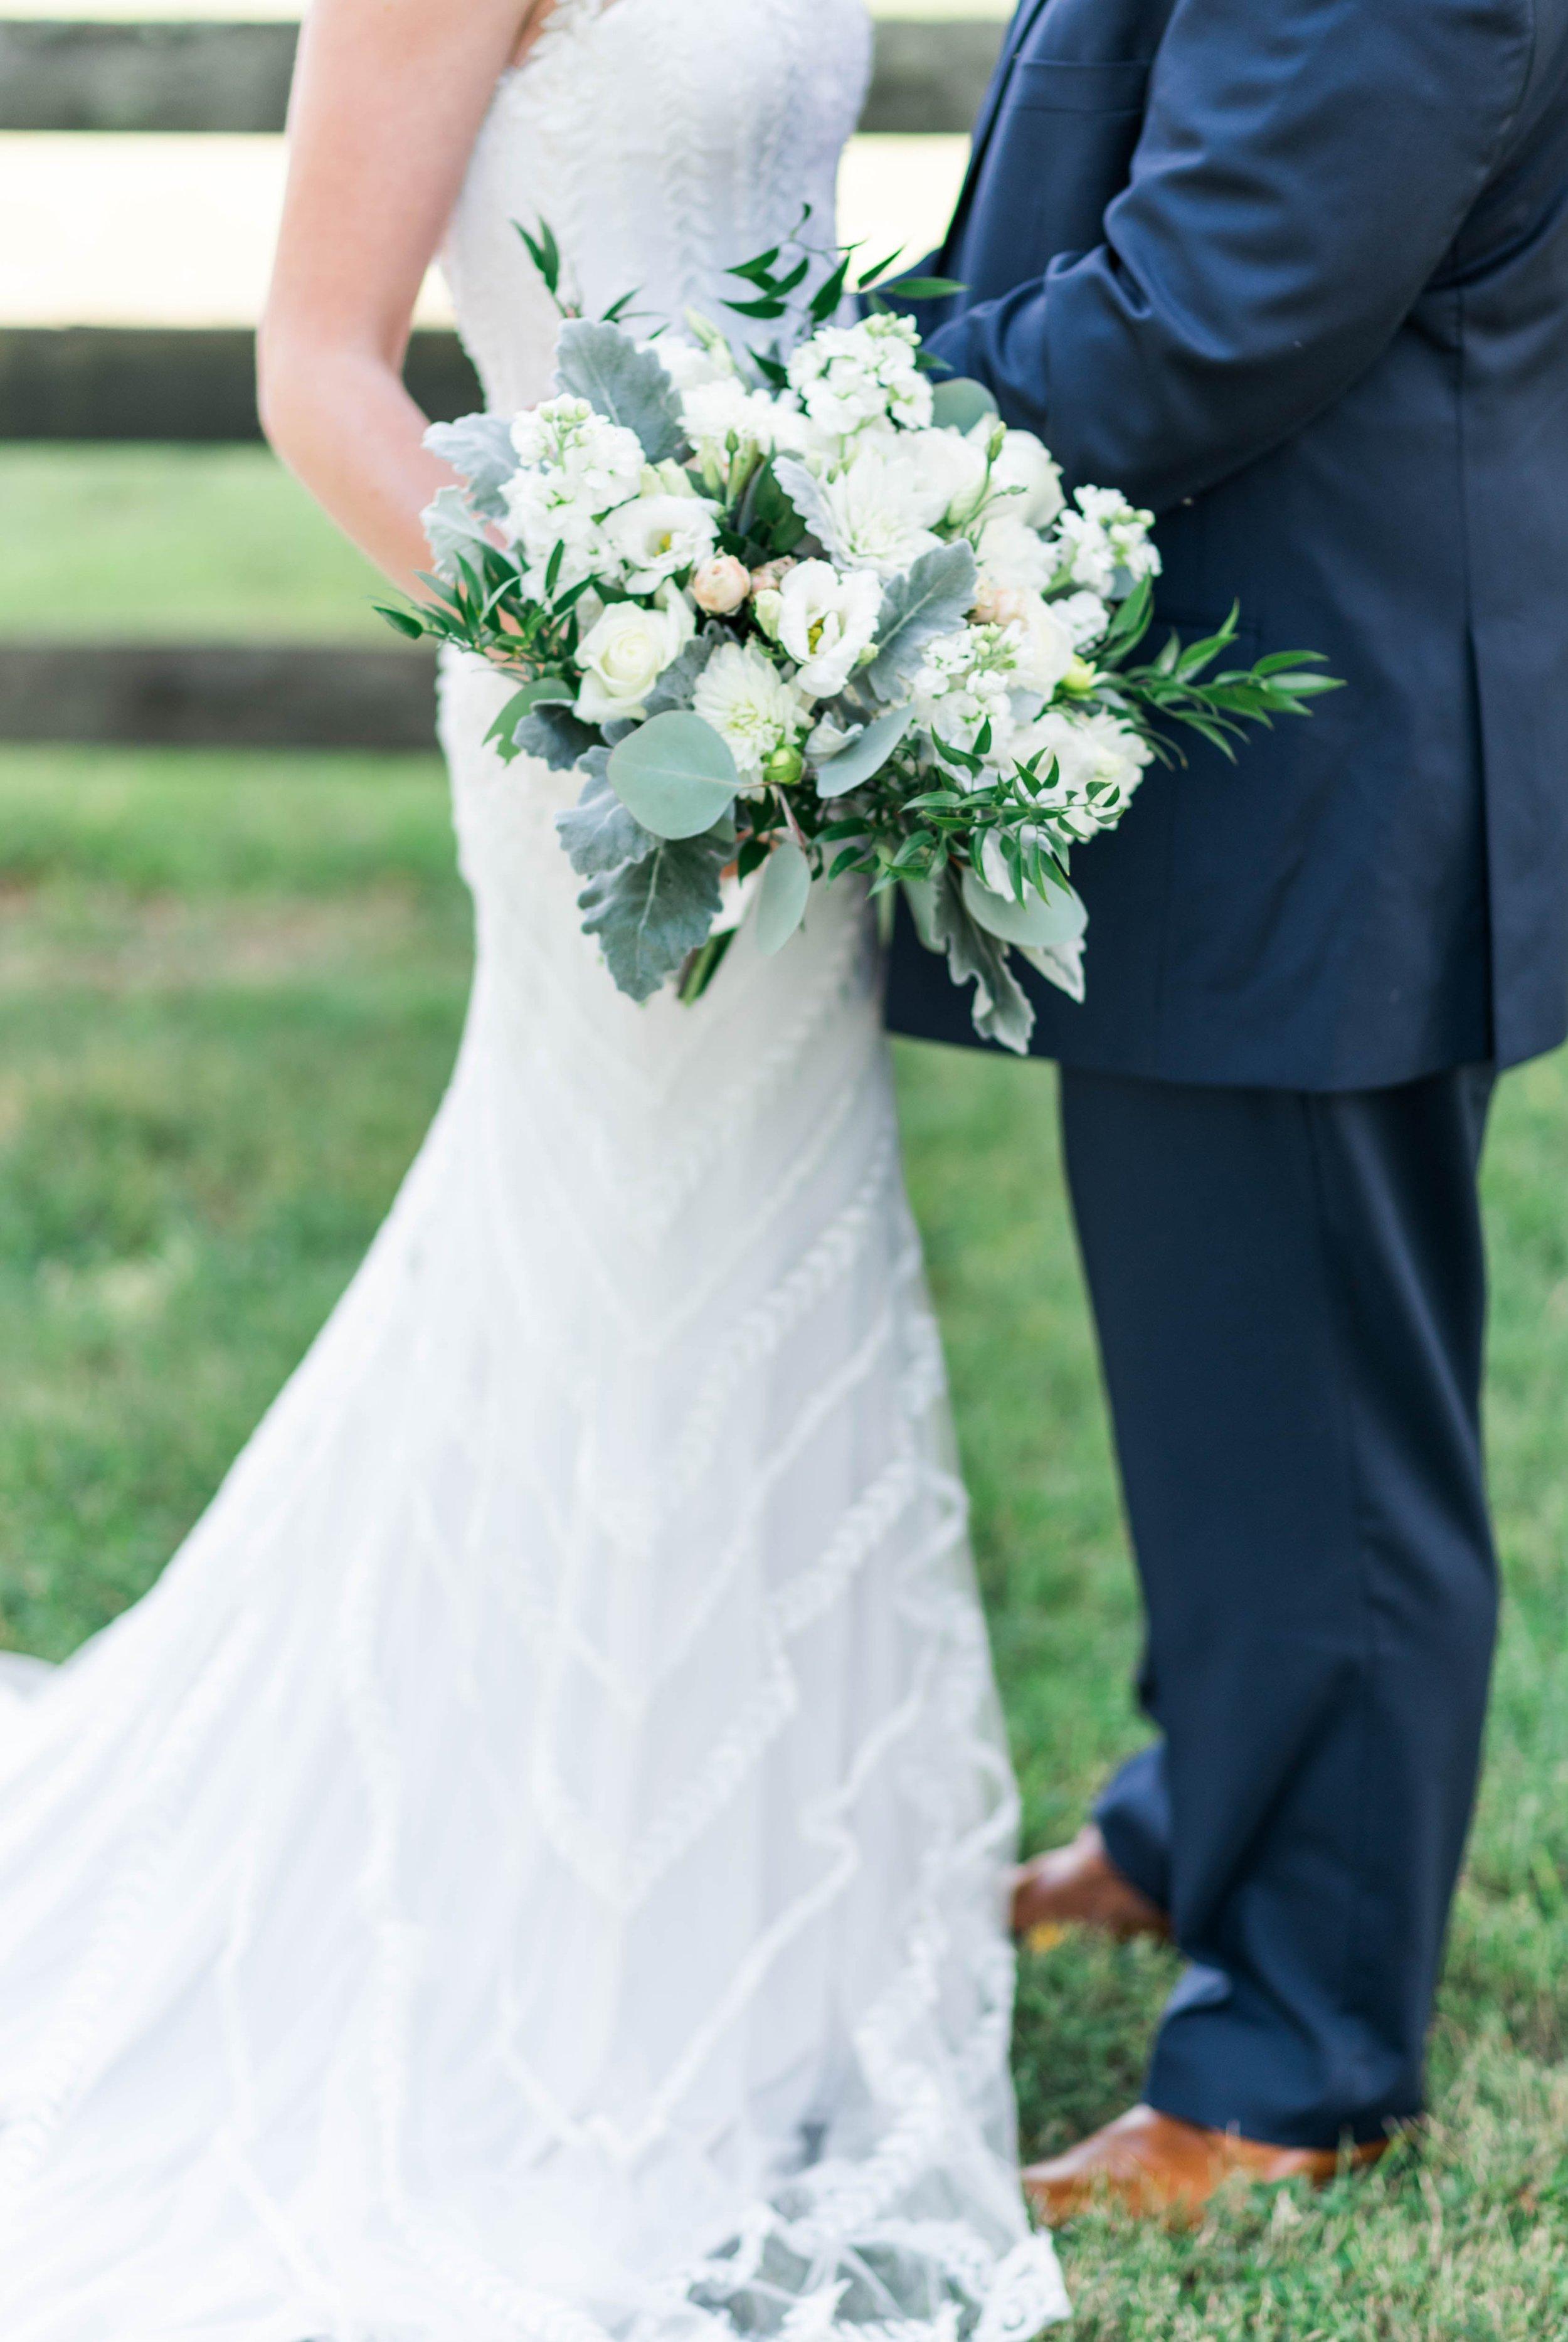 SorellaFarms_VirginiaWeddingPhotographer_BarnWedding_Lynchburgweddingphotographer_DanielleTyler 37.jpg